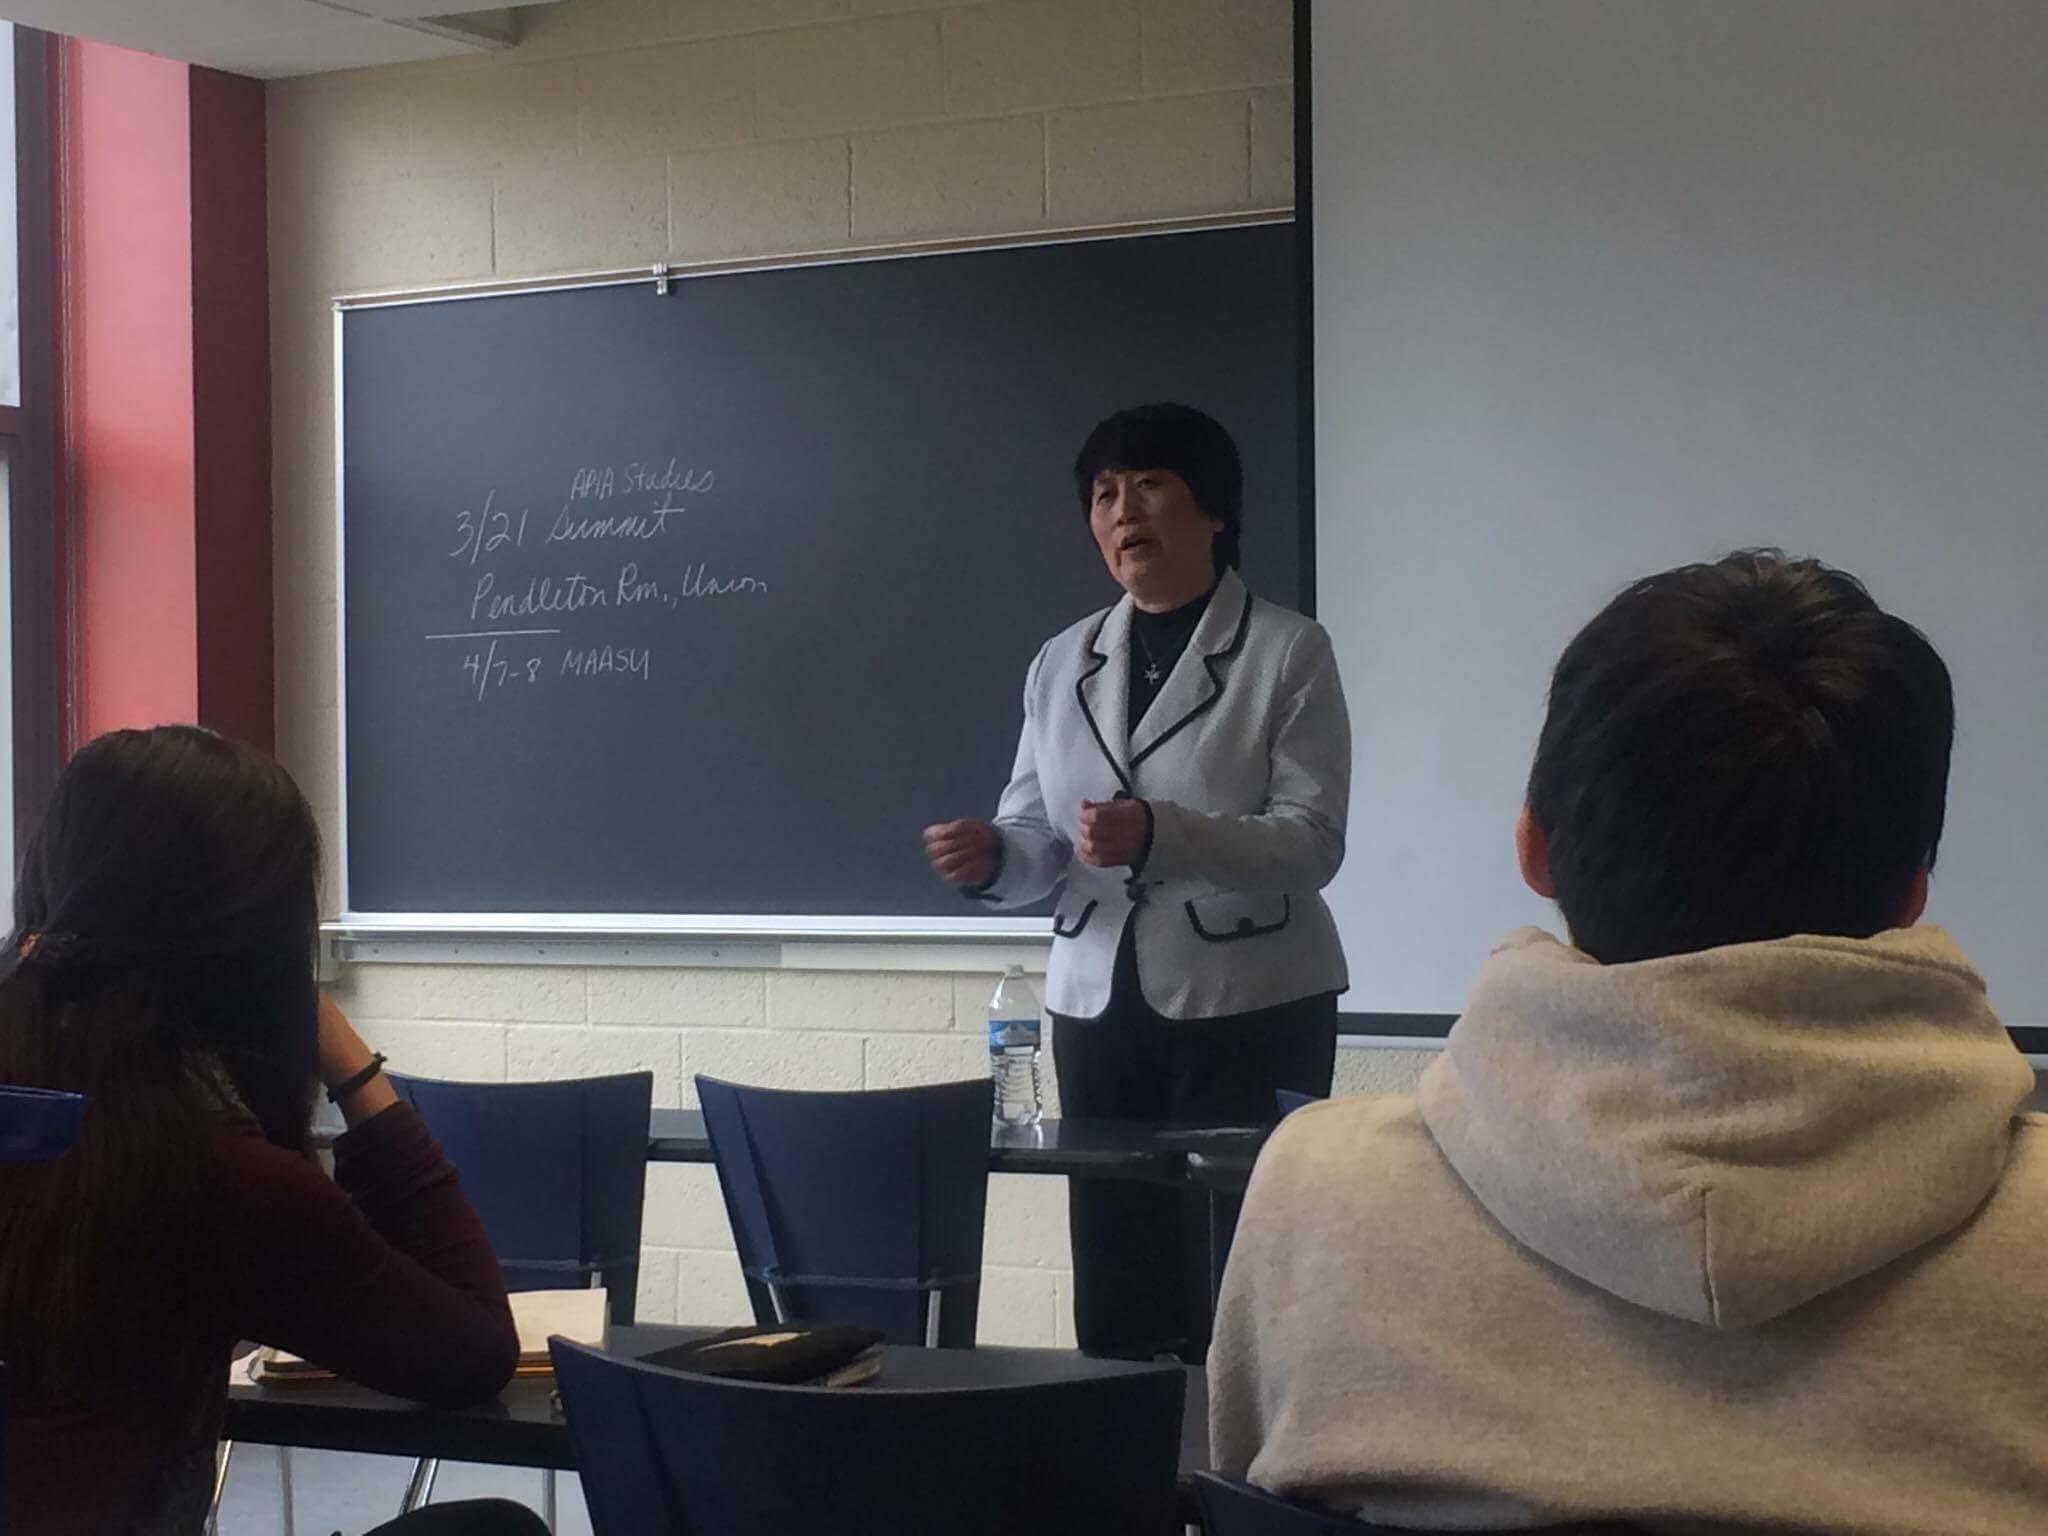 """陈霞芬6日在密西根大学亚太裔研究学系主办的""""陈霞芬故事""""中,详述自己被诬控中国间谍的过程。(密西根大学提供)"""